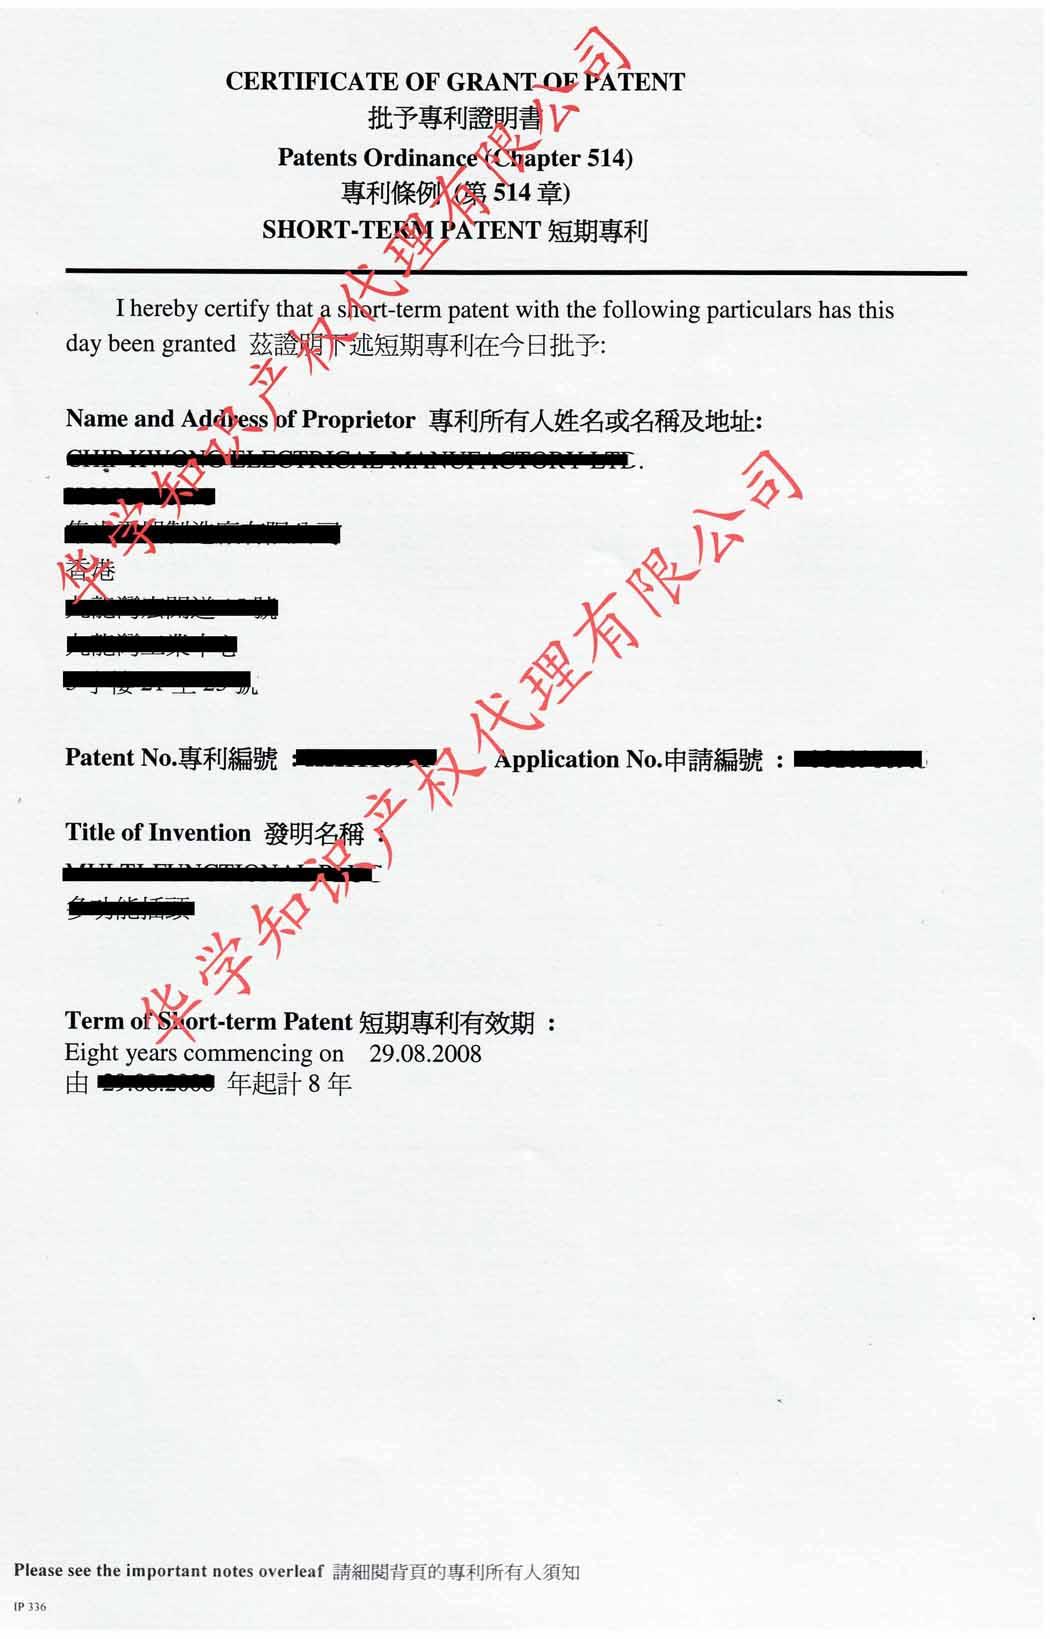 香港短期專利證書